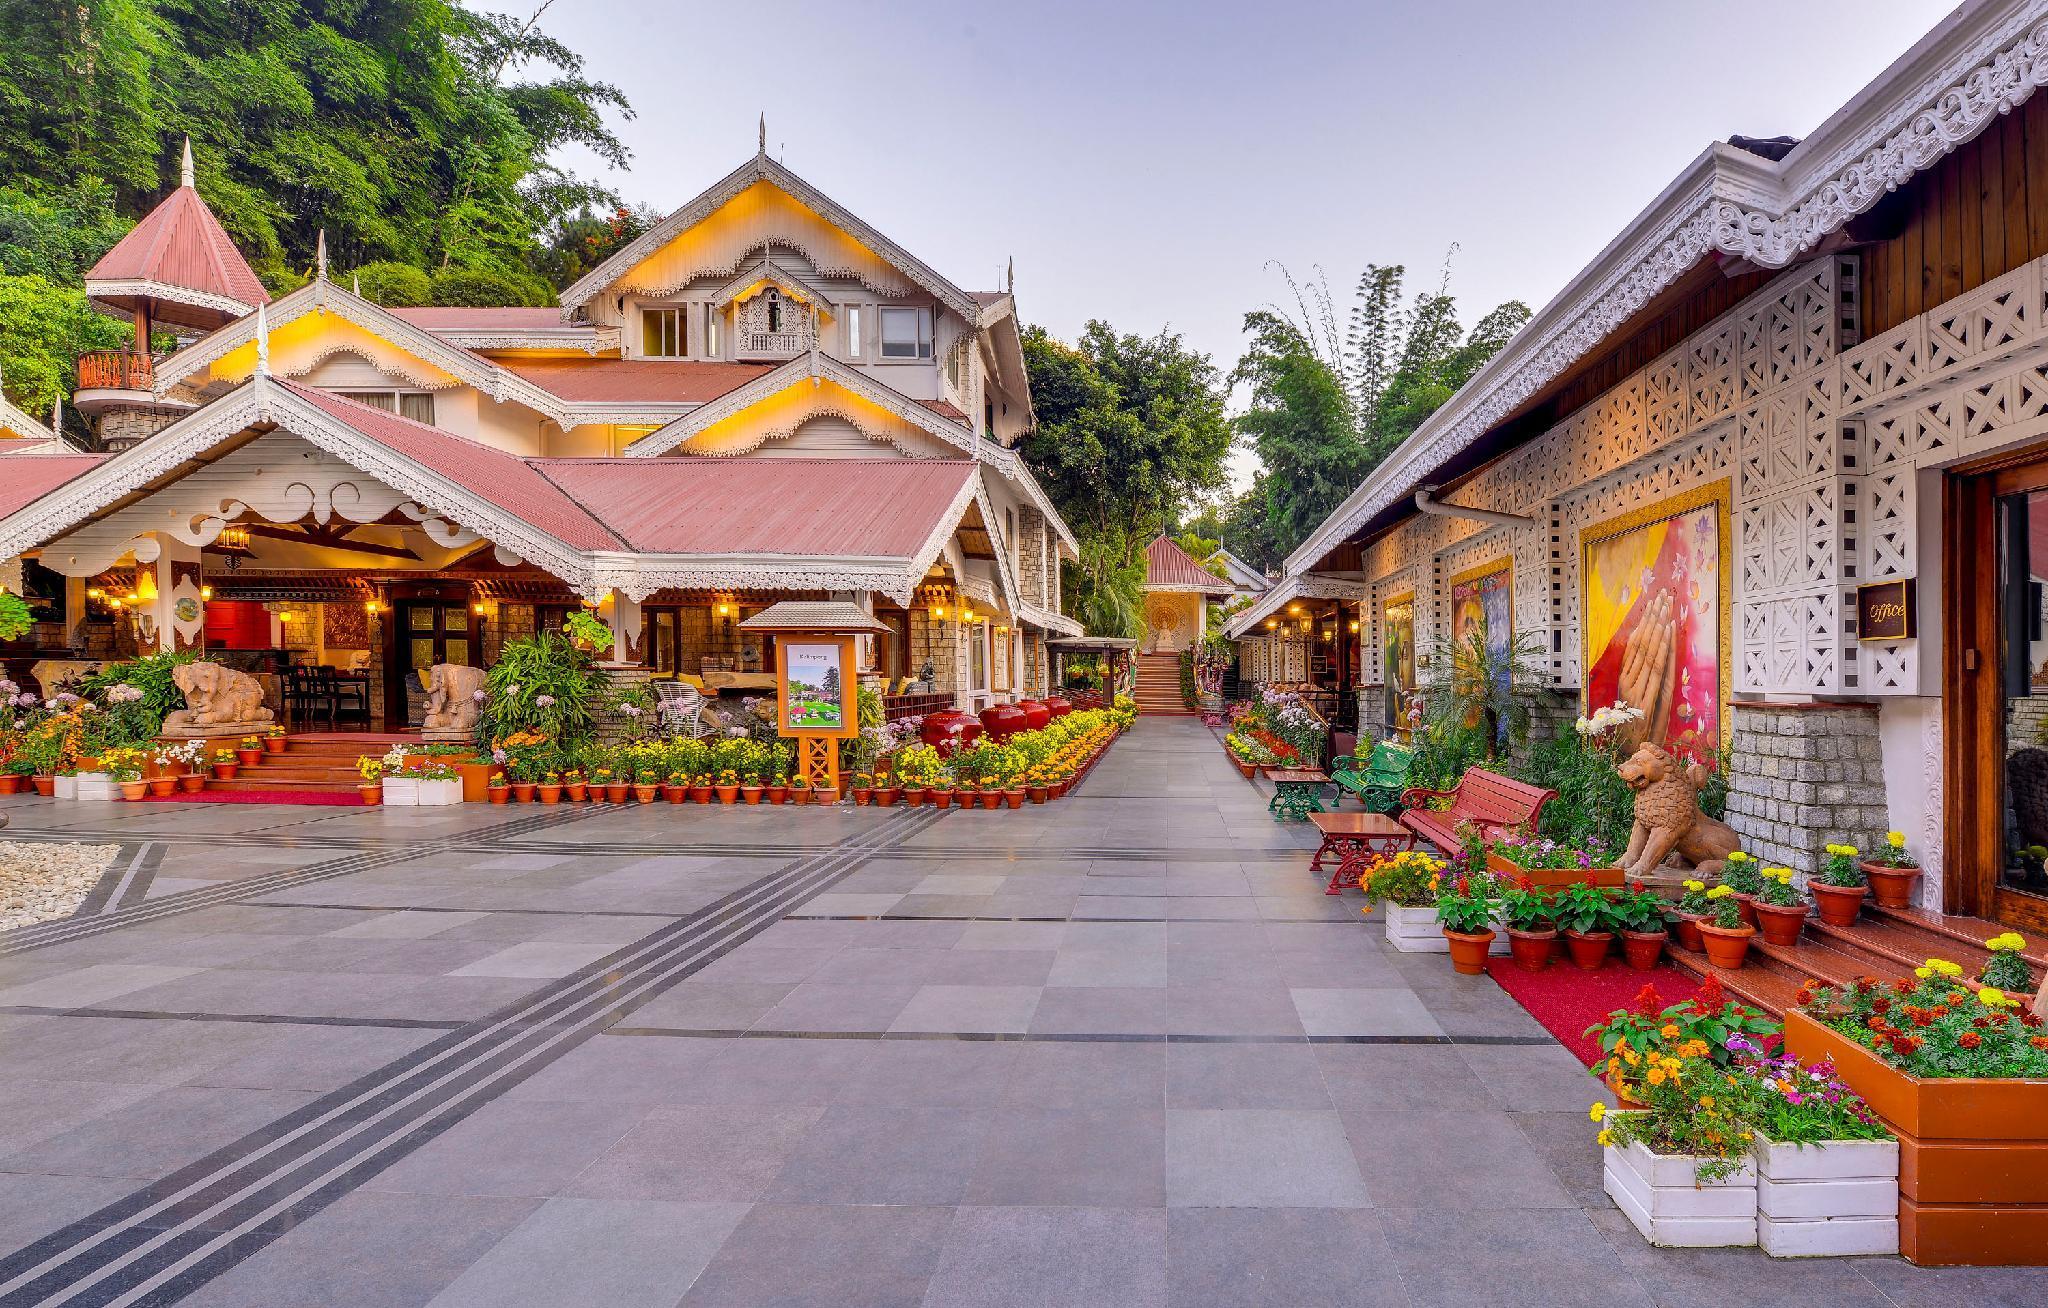 Mayfair Spa Resort And Casino